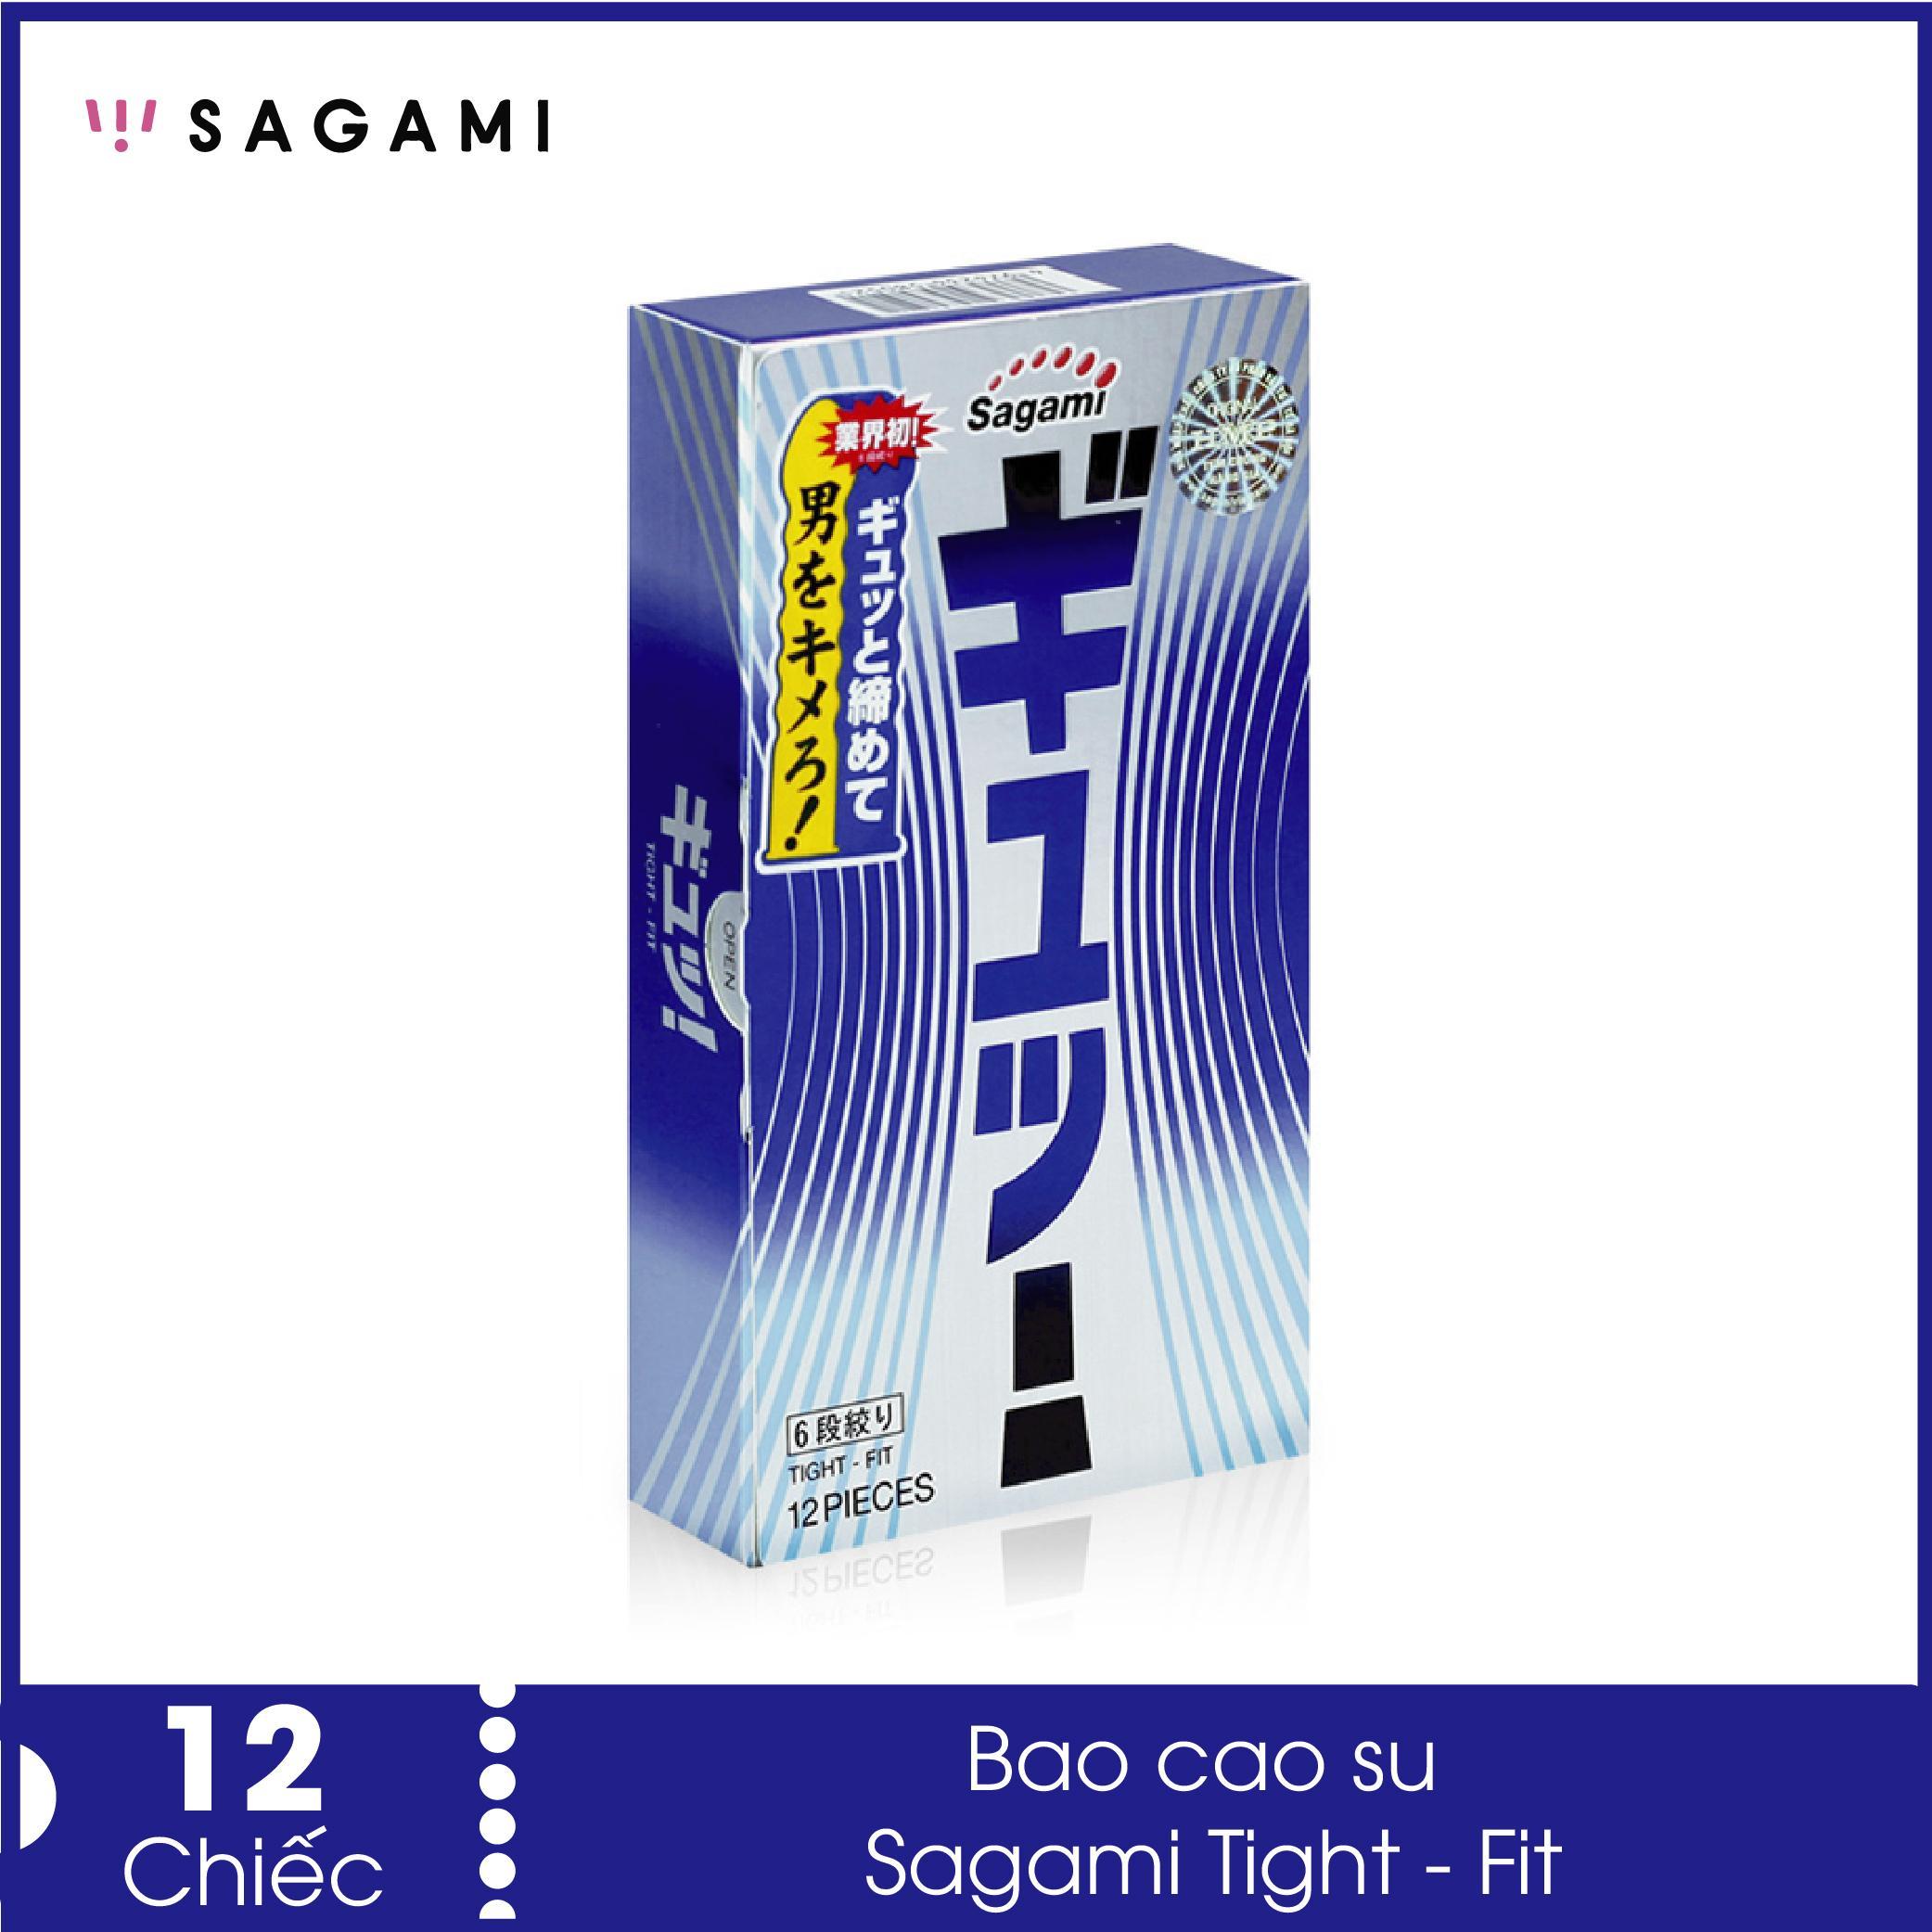 Bao cao su Sagami Tight - Fit (Hộp 12) lượn sóng 6 lần, màu tím khác biệt